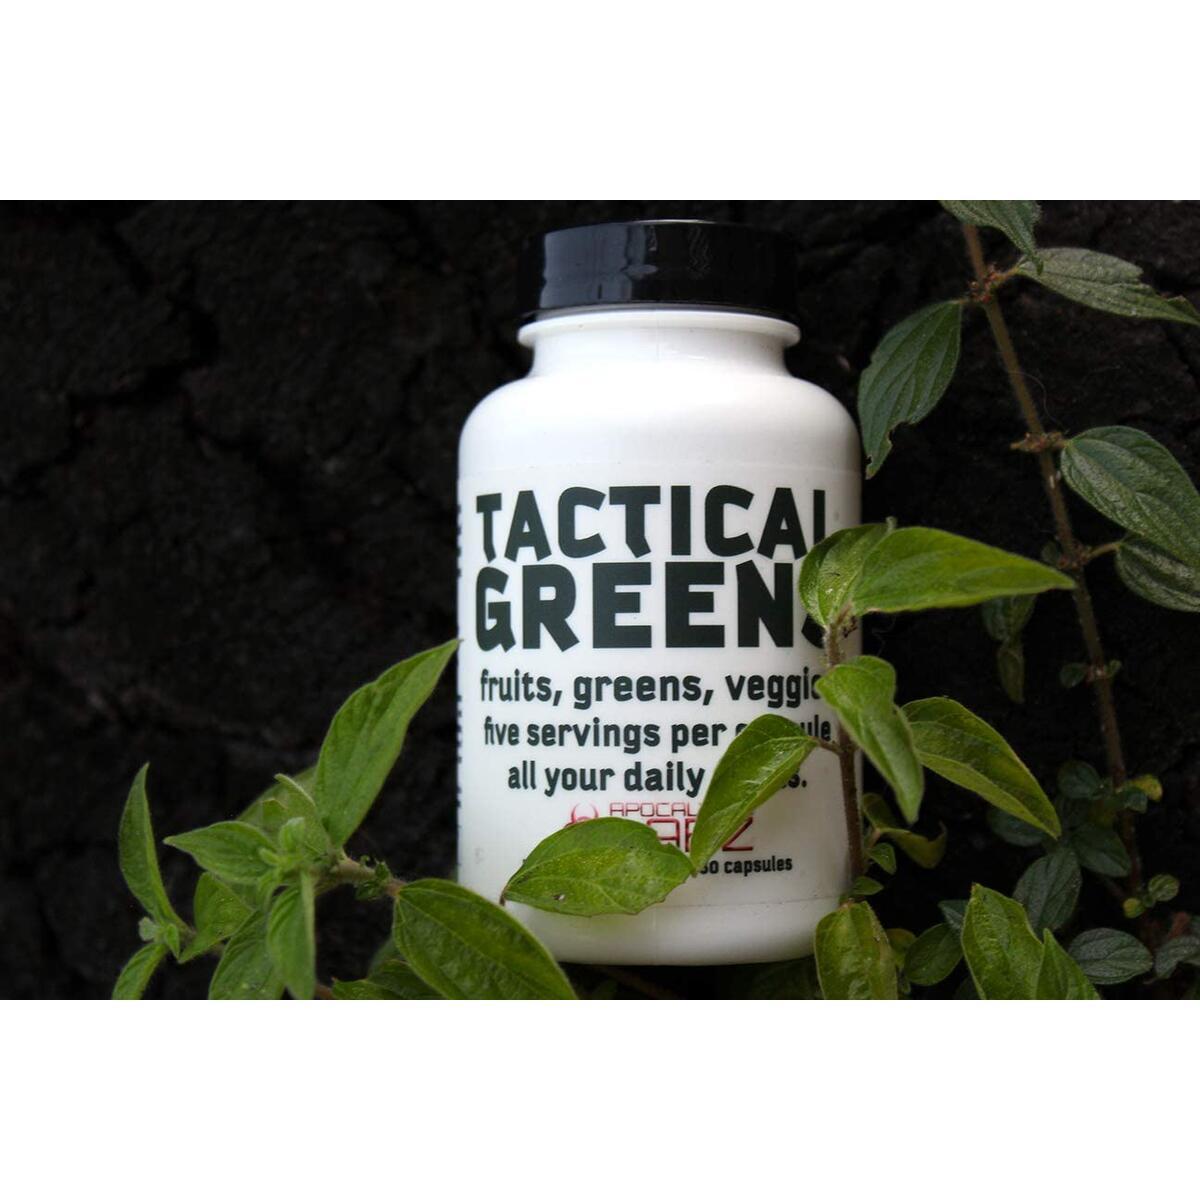 Tactical Greens